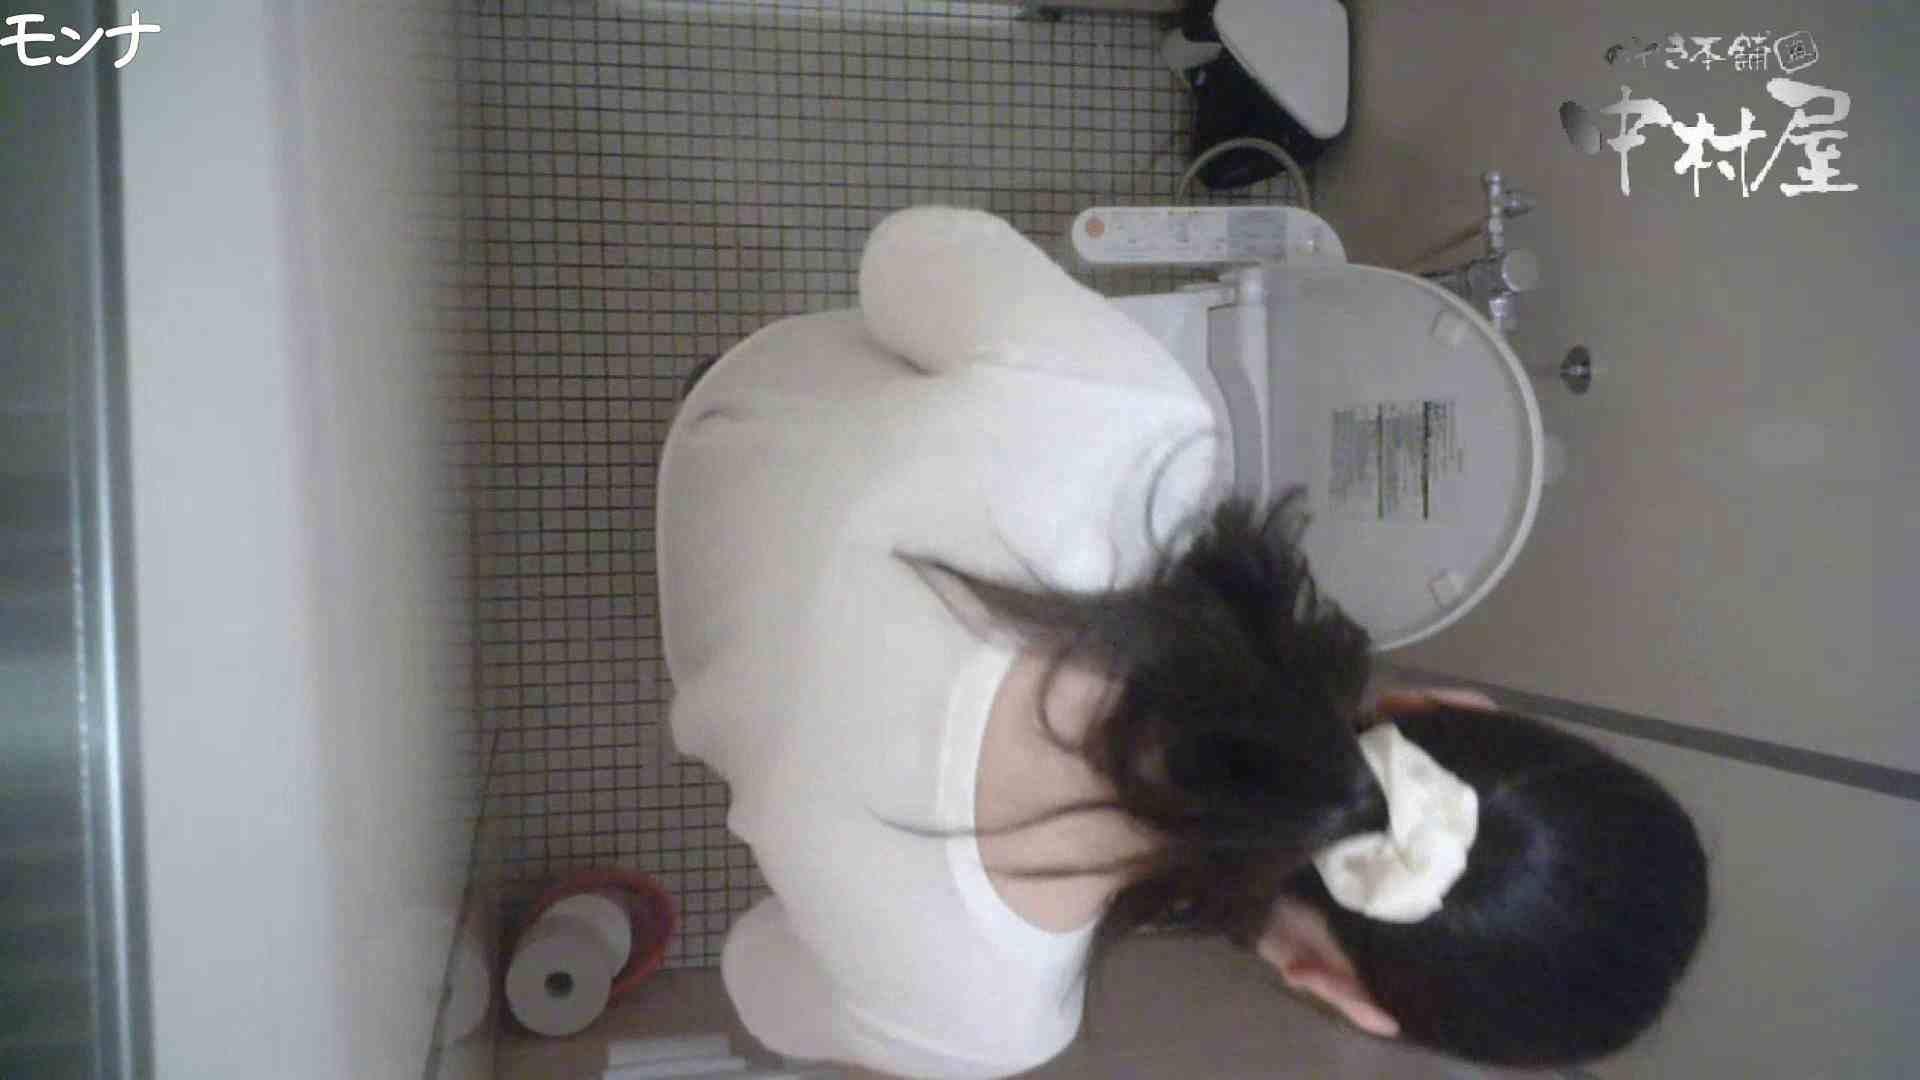 有名大学女性洗面所 vol.65 秘技!!マルチアングル天井撮り!! マルチアングル  106PIX 35